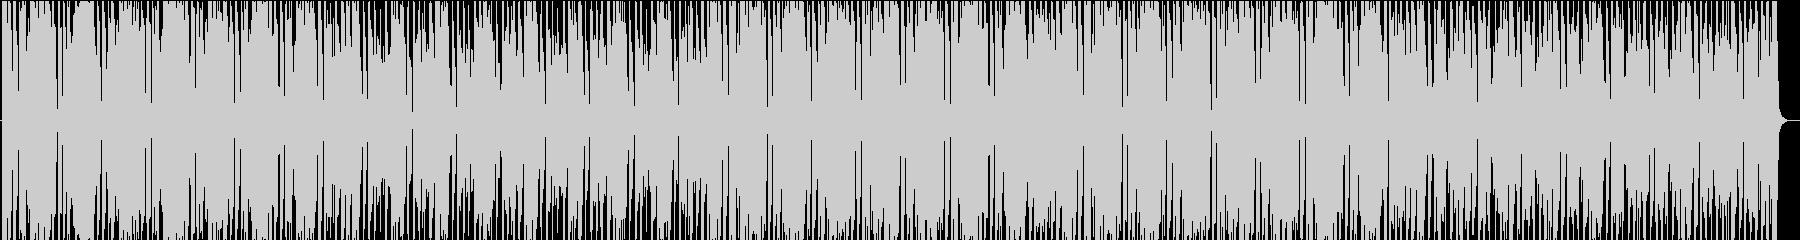 ファンキーで激しい曲の未再生の波形